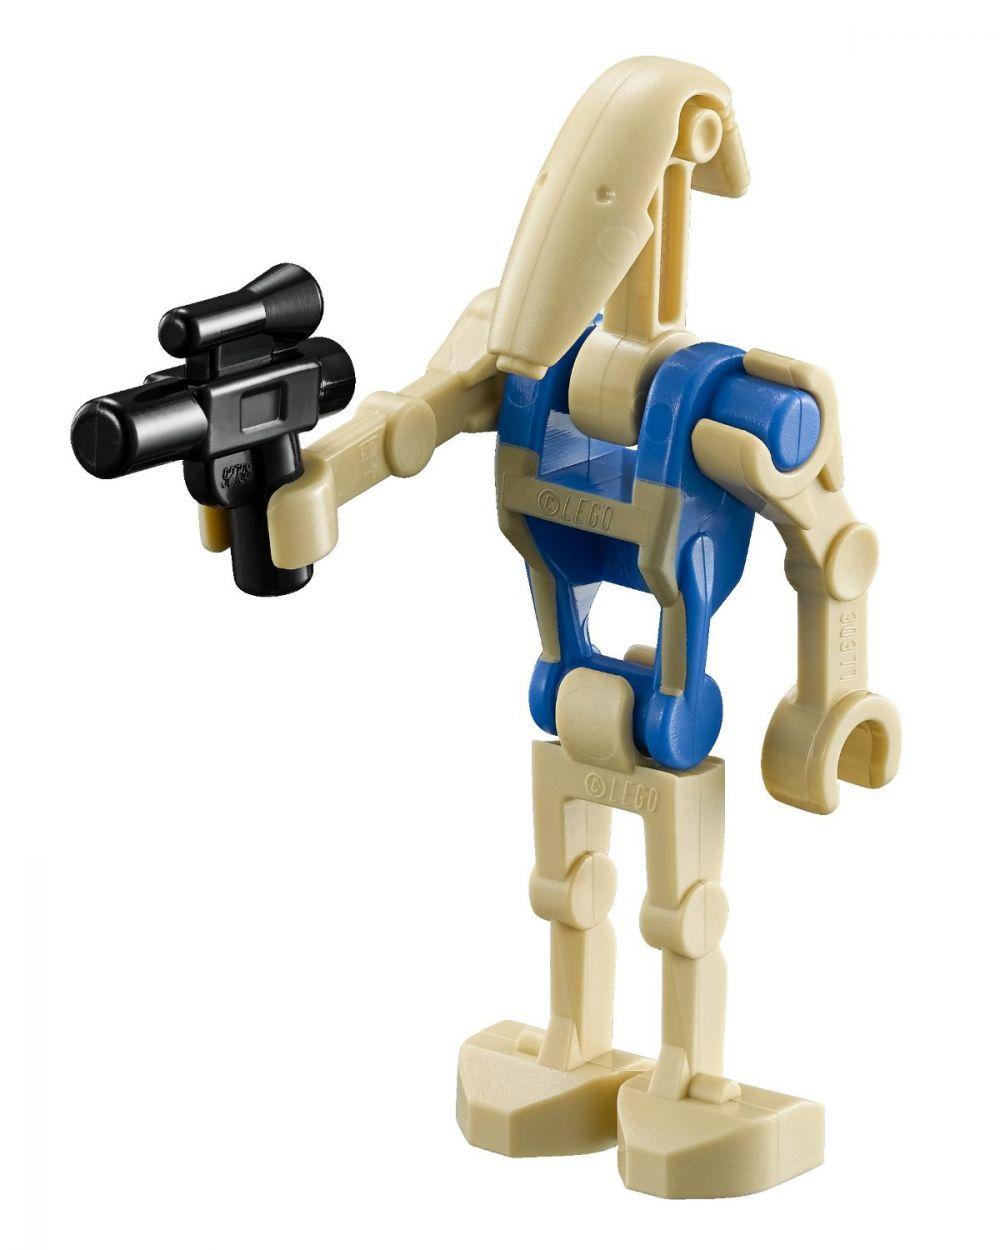 Lego star wars 75073 pas cher droid vautour - Lego star wars base droide ...